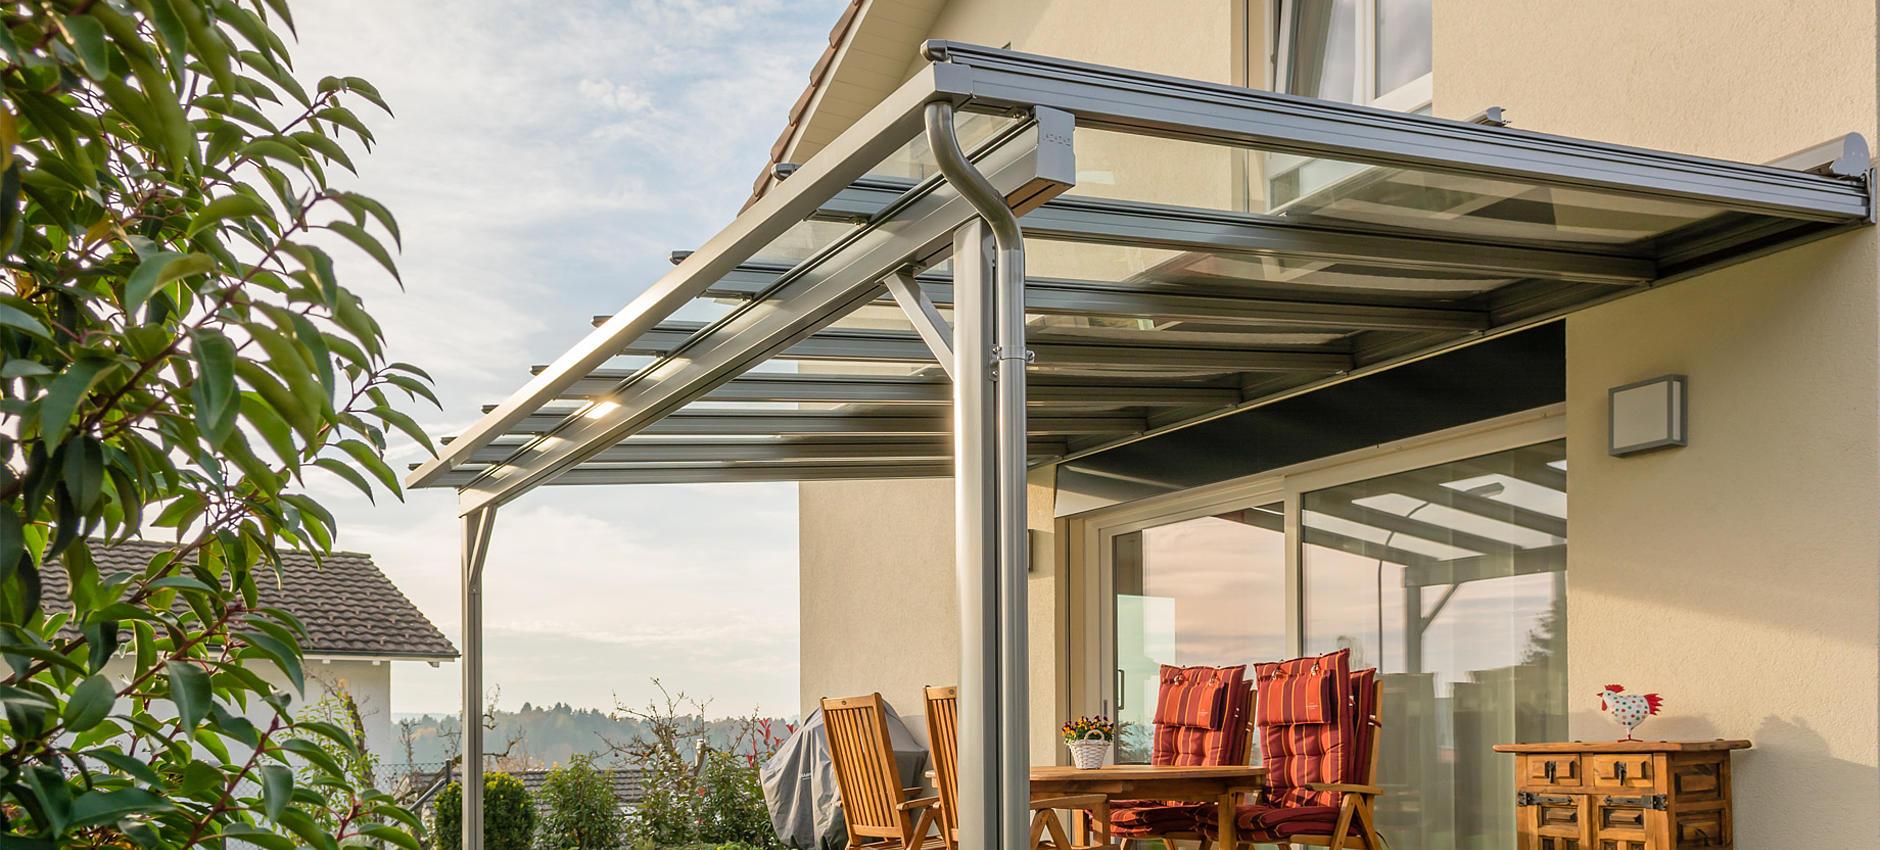 TERRADO GP5200 / GP5210 Glasdachsystem als Überdachung mit integrierter Markise für optmialen Sonnenschutz